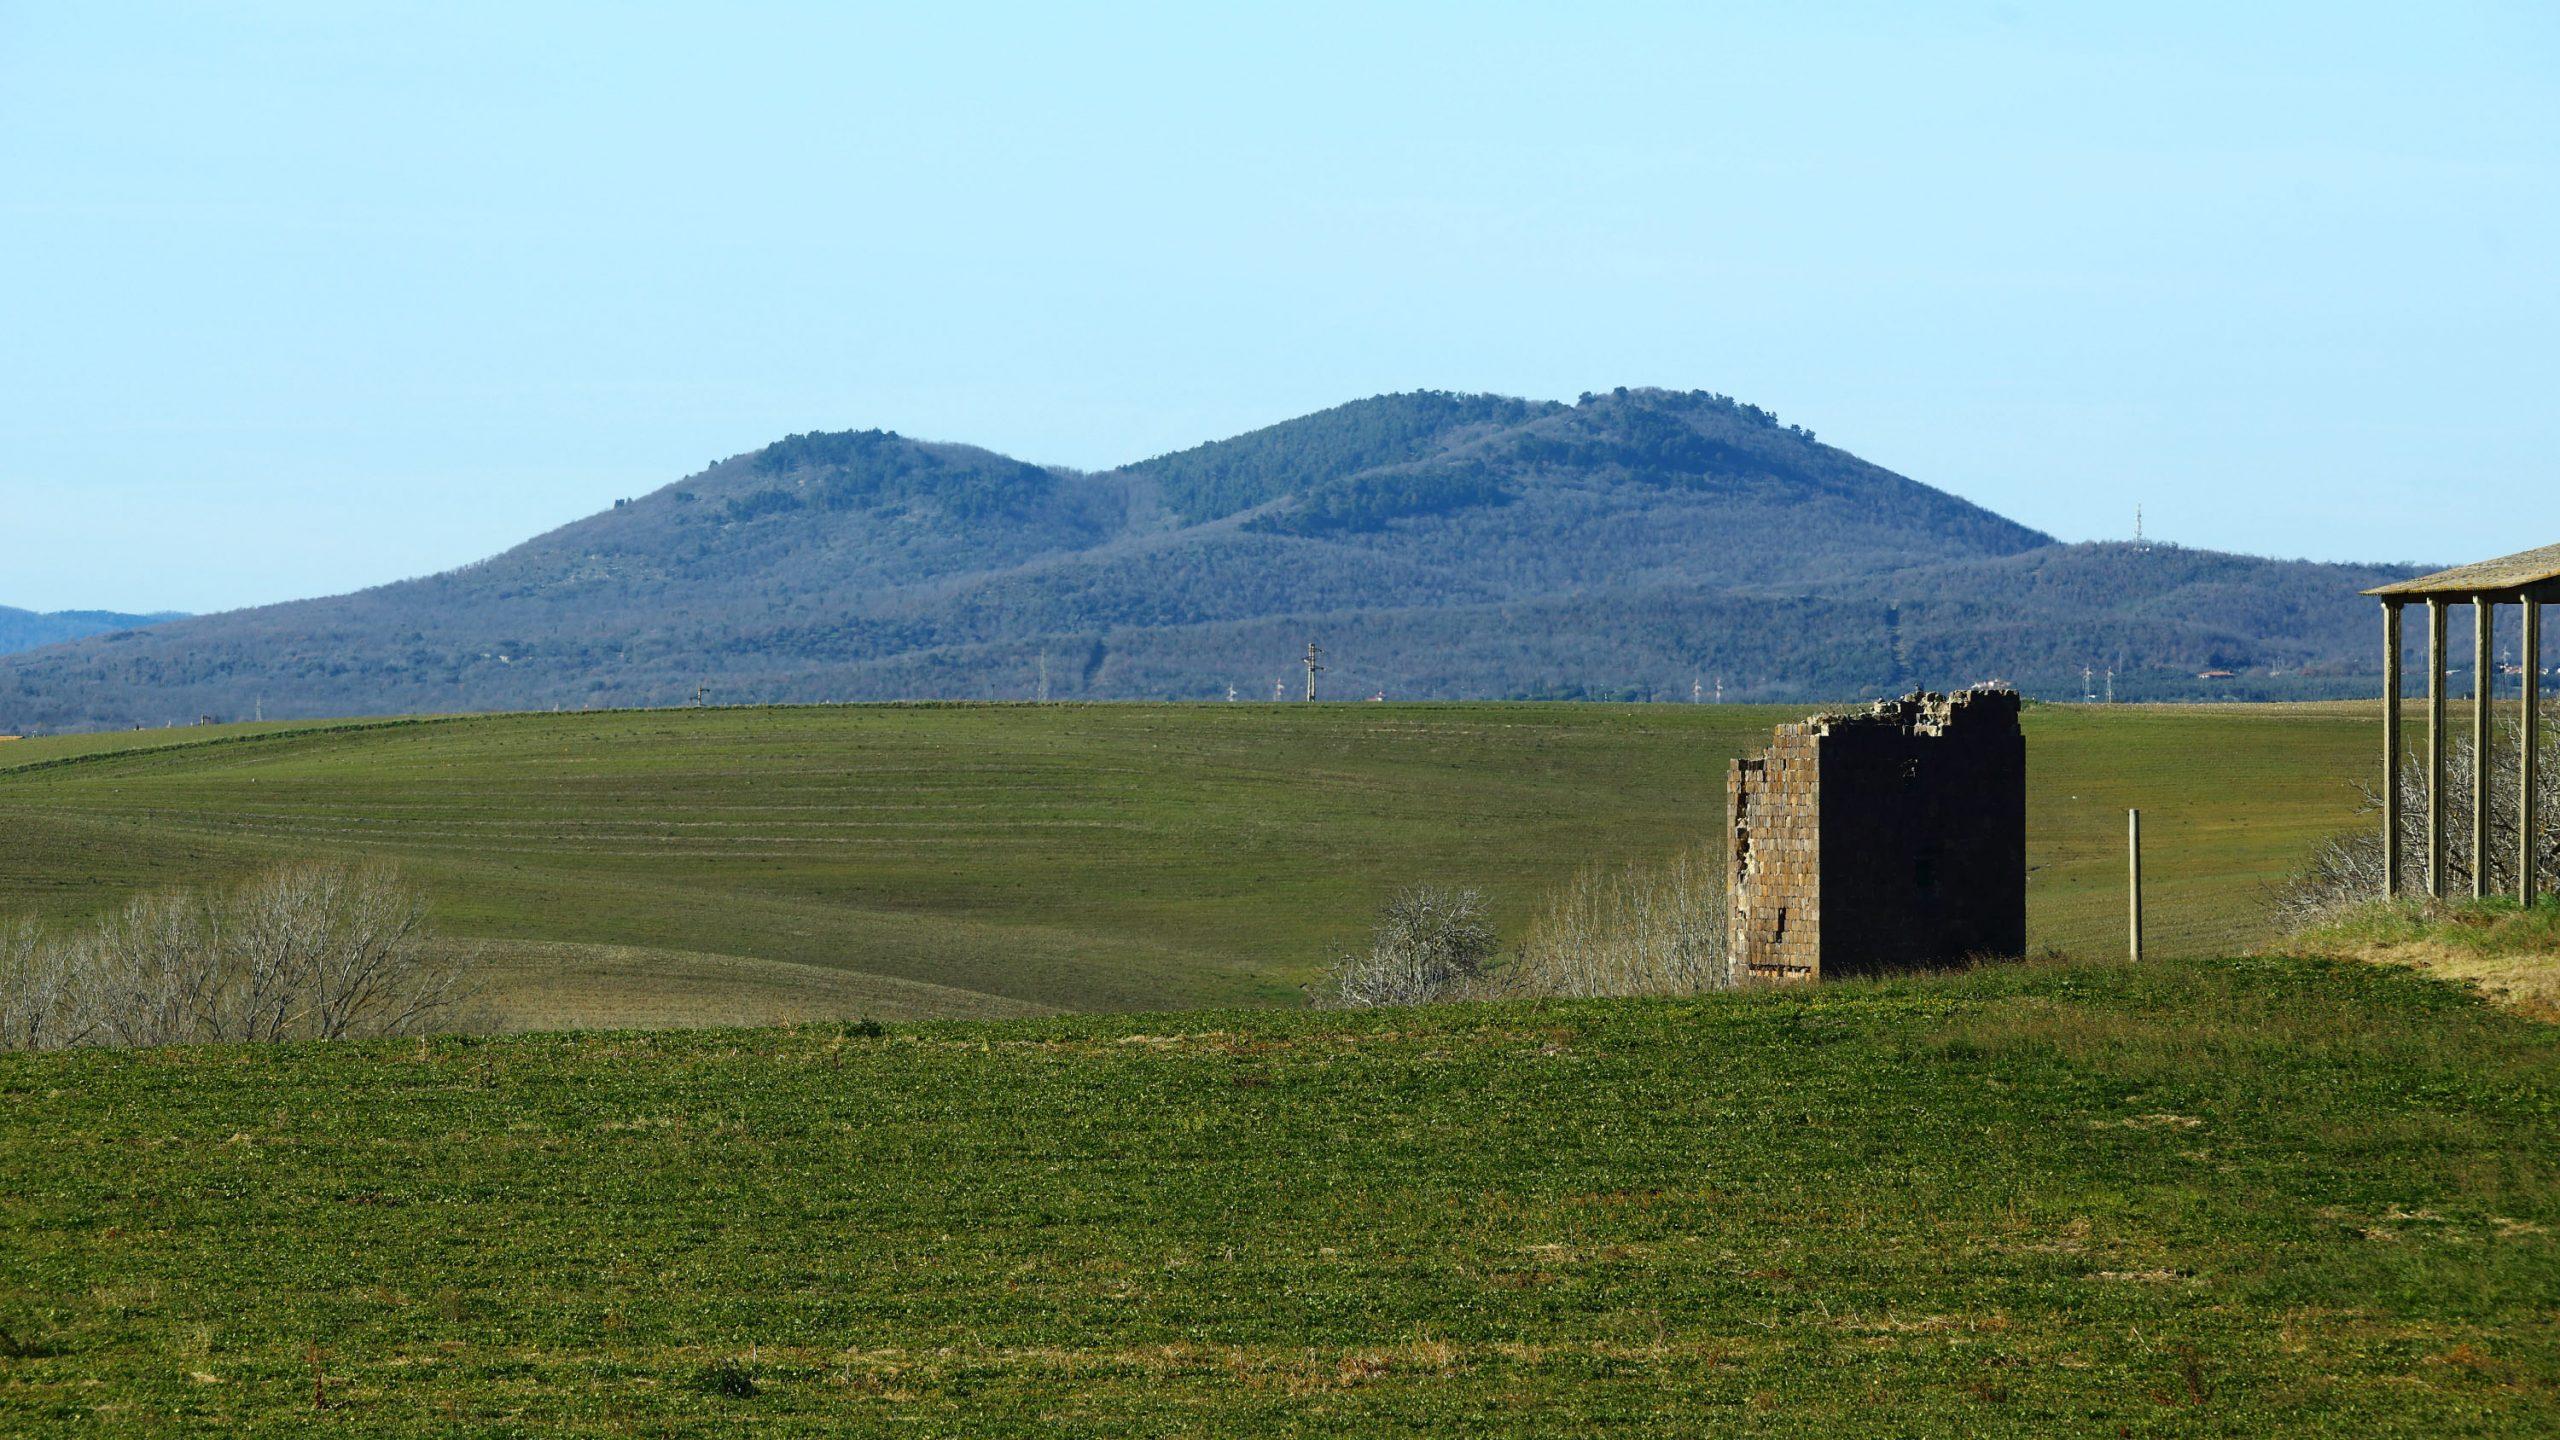 formicone-pian-di-vico-torre-arunte-1056